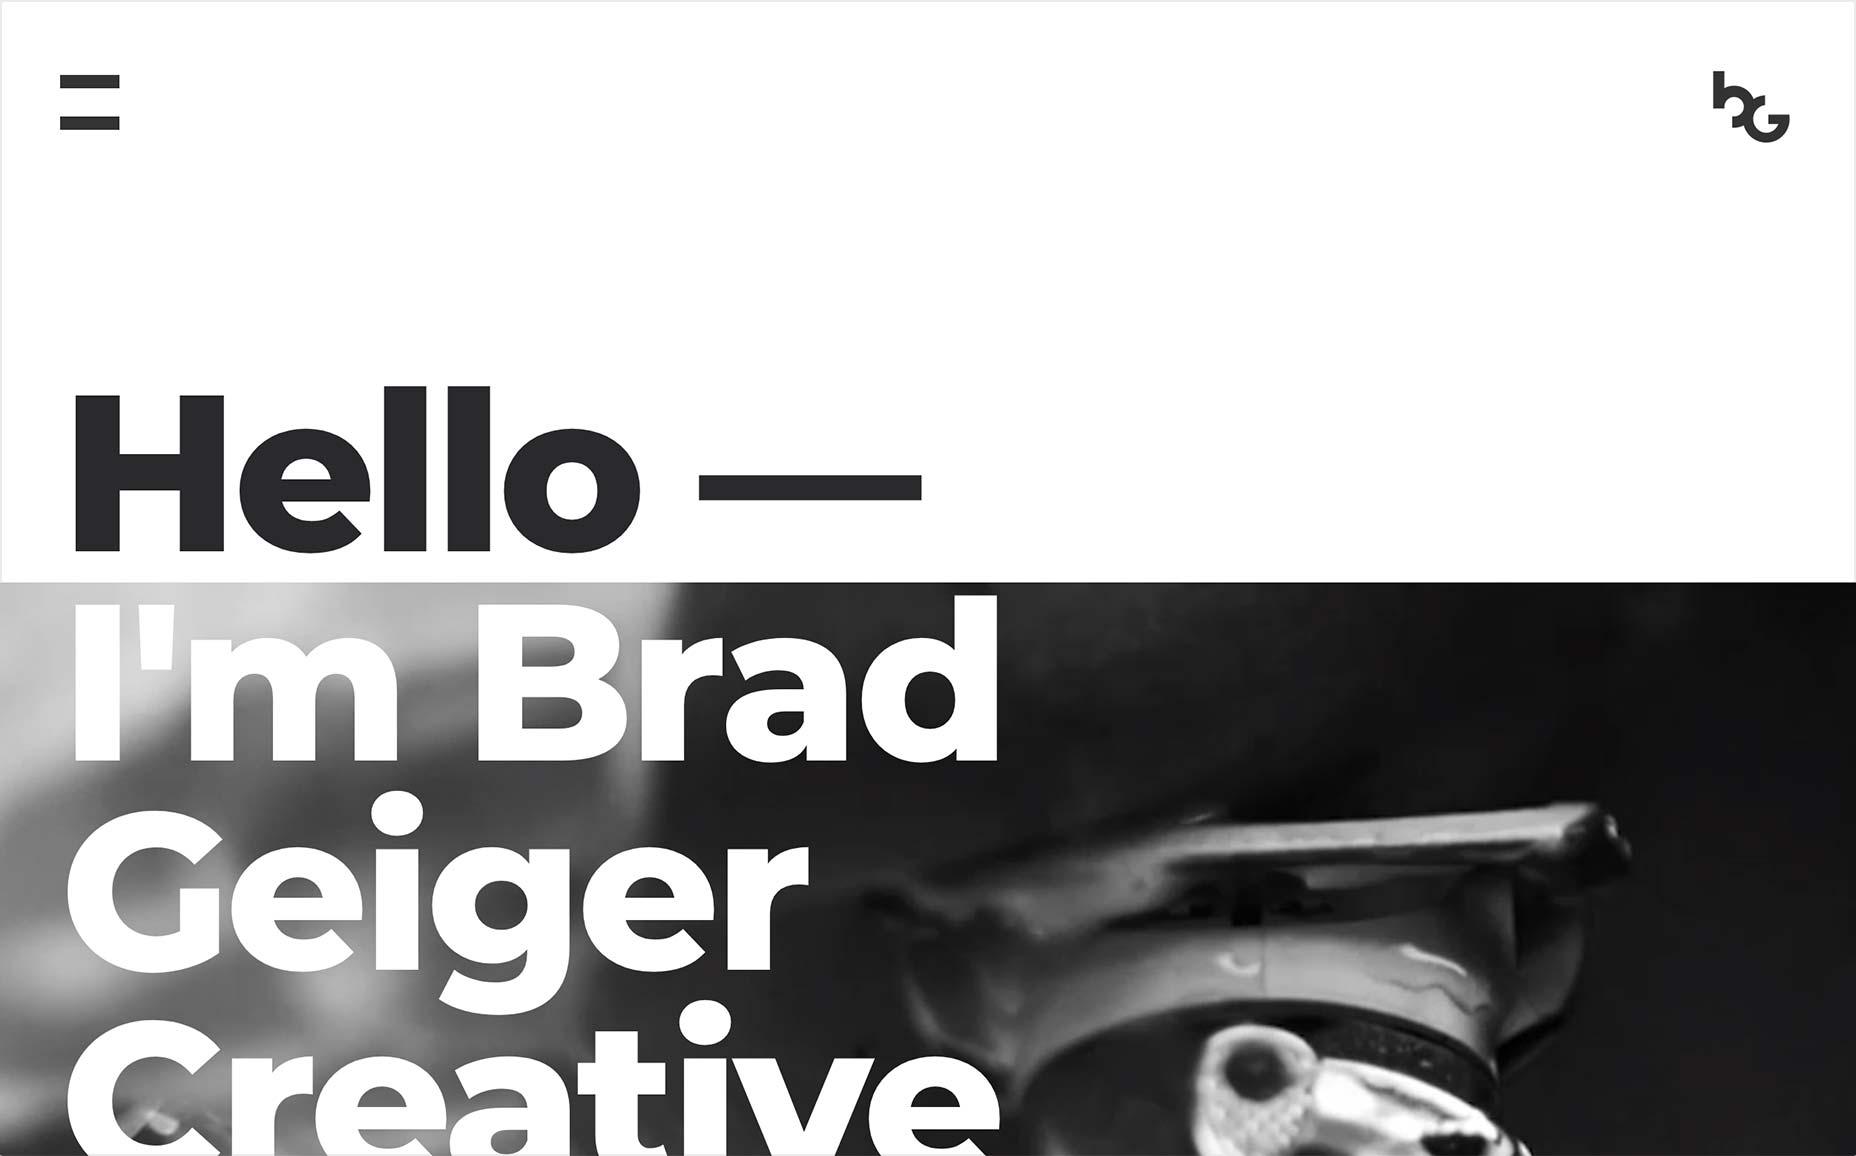 对于设计师而言,作品集的重要性不言而喻。在作品集中展现自己的设计作品只是它最基本的功能之一,使用实验性的技术来凸显自己的独到想法,使用紧跟潮流的风格来呈现自己的调性,这些都是作品集网站的意义所在。<br/>